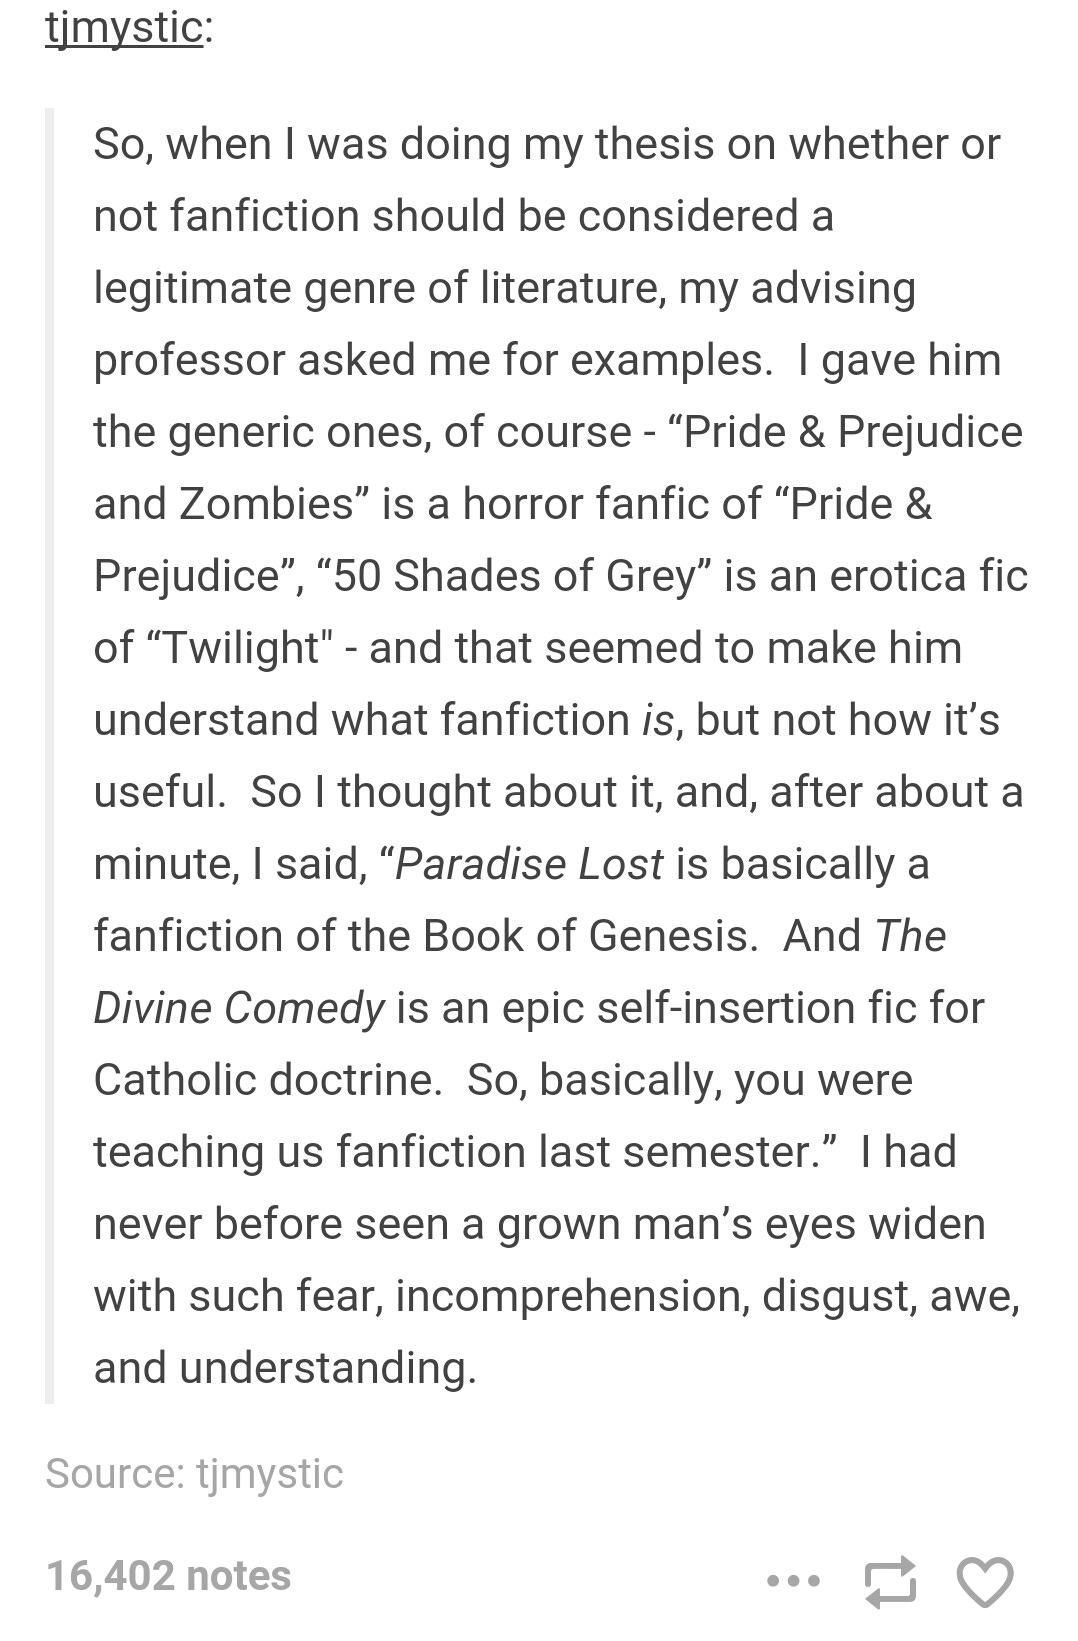 TIL Dante Alghieri wrote a fanfic   Fanfiction   Know Your Meme